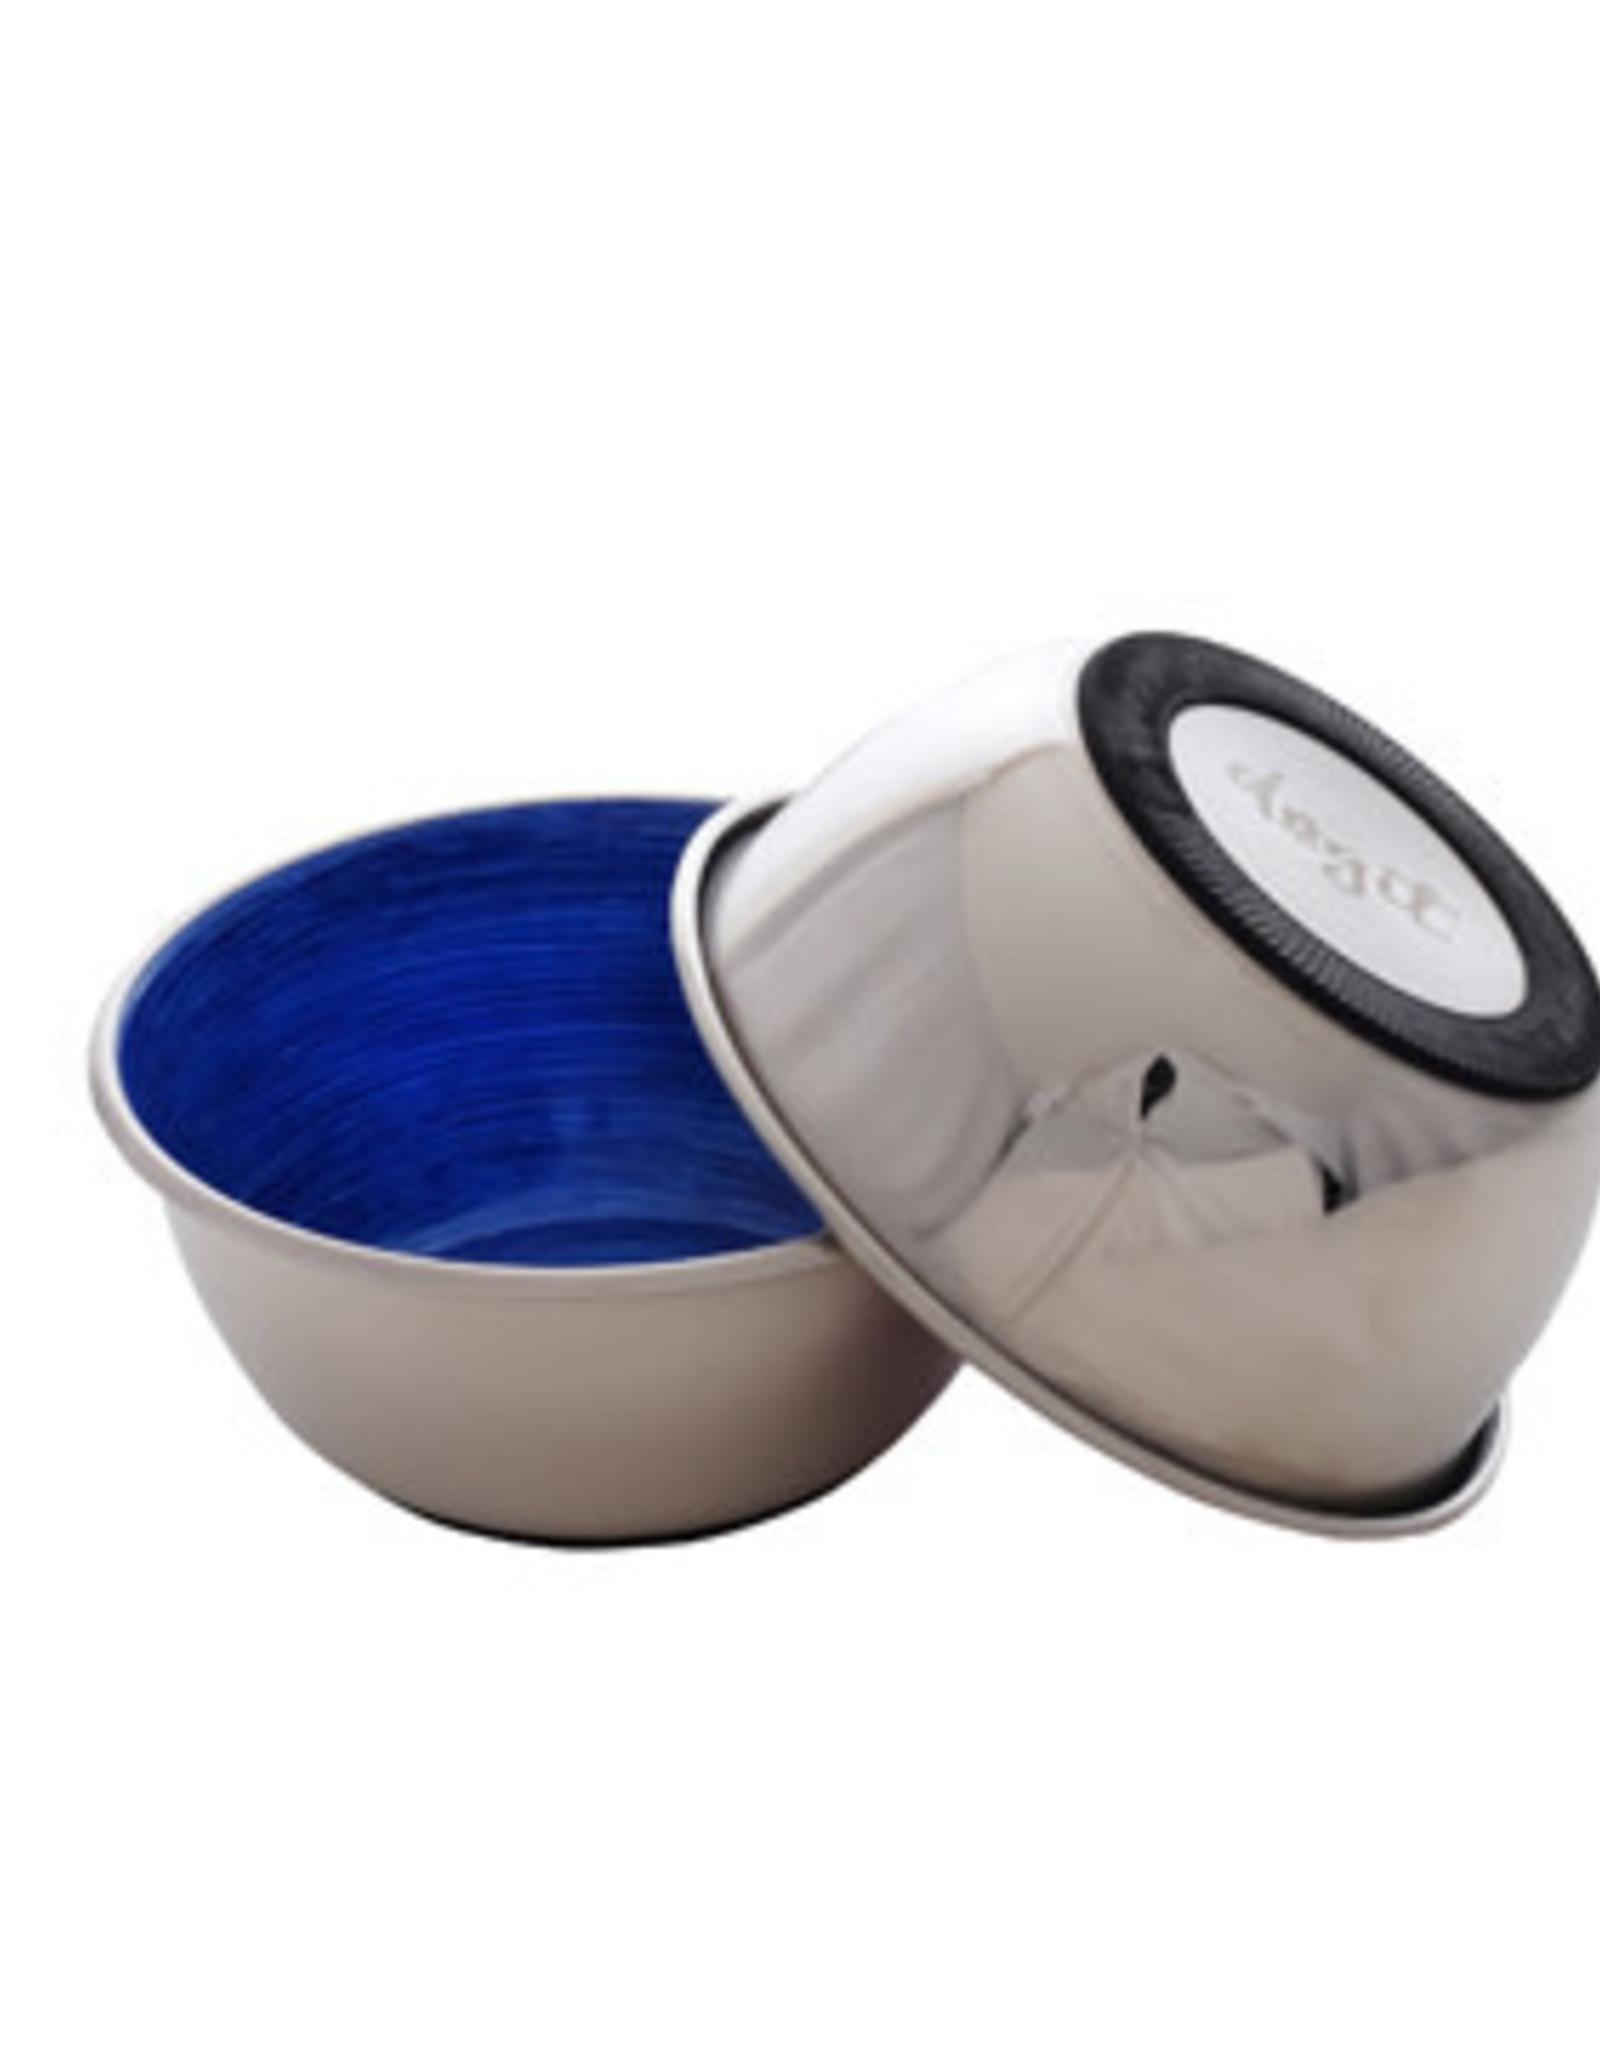 DogIt Dogit Stainless Steel Non-Skid Dog Bowl - Blue Swirl - 500 ml (17 fl.oz.)